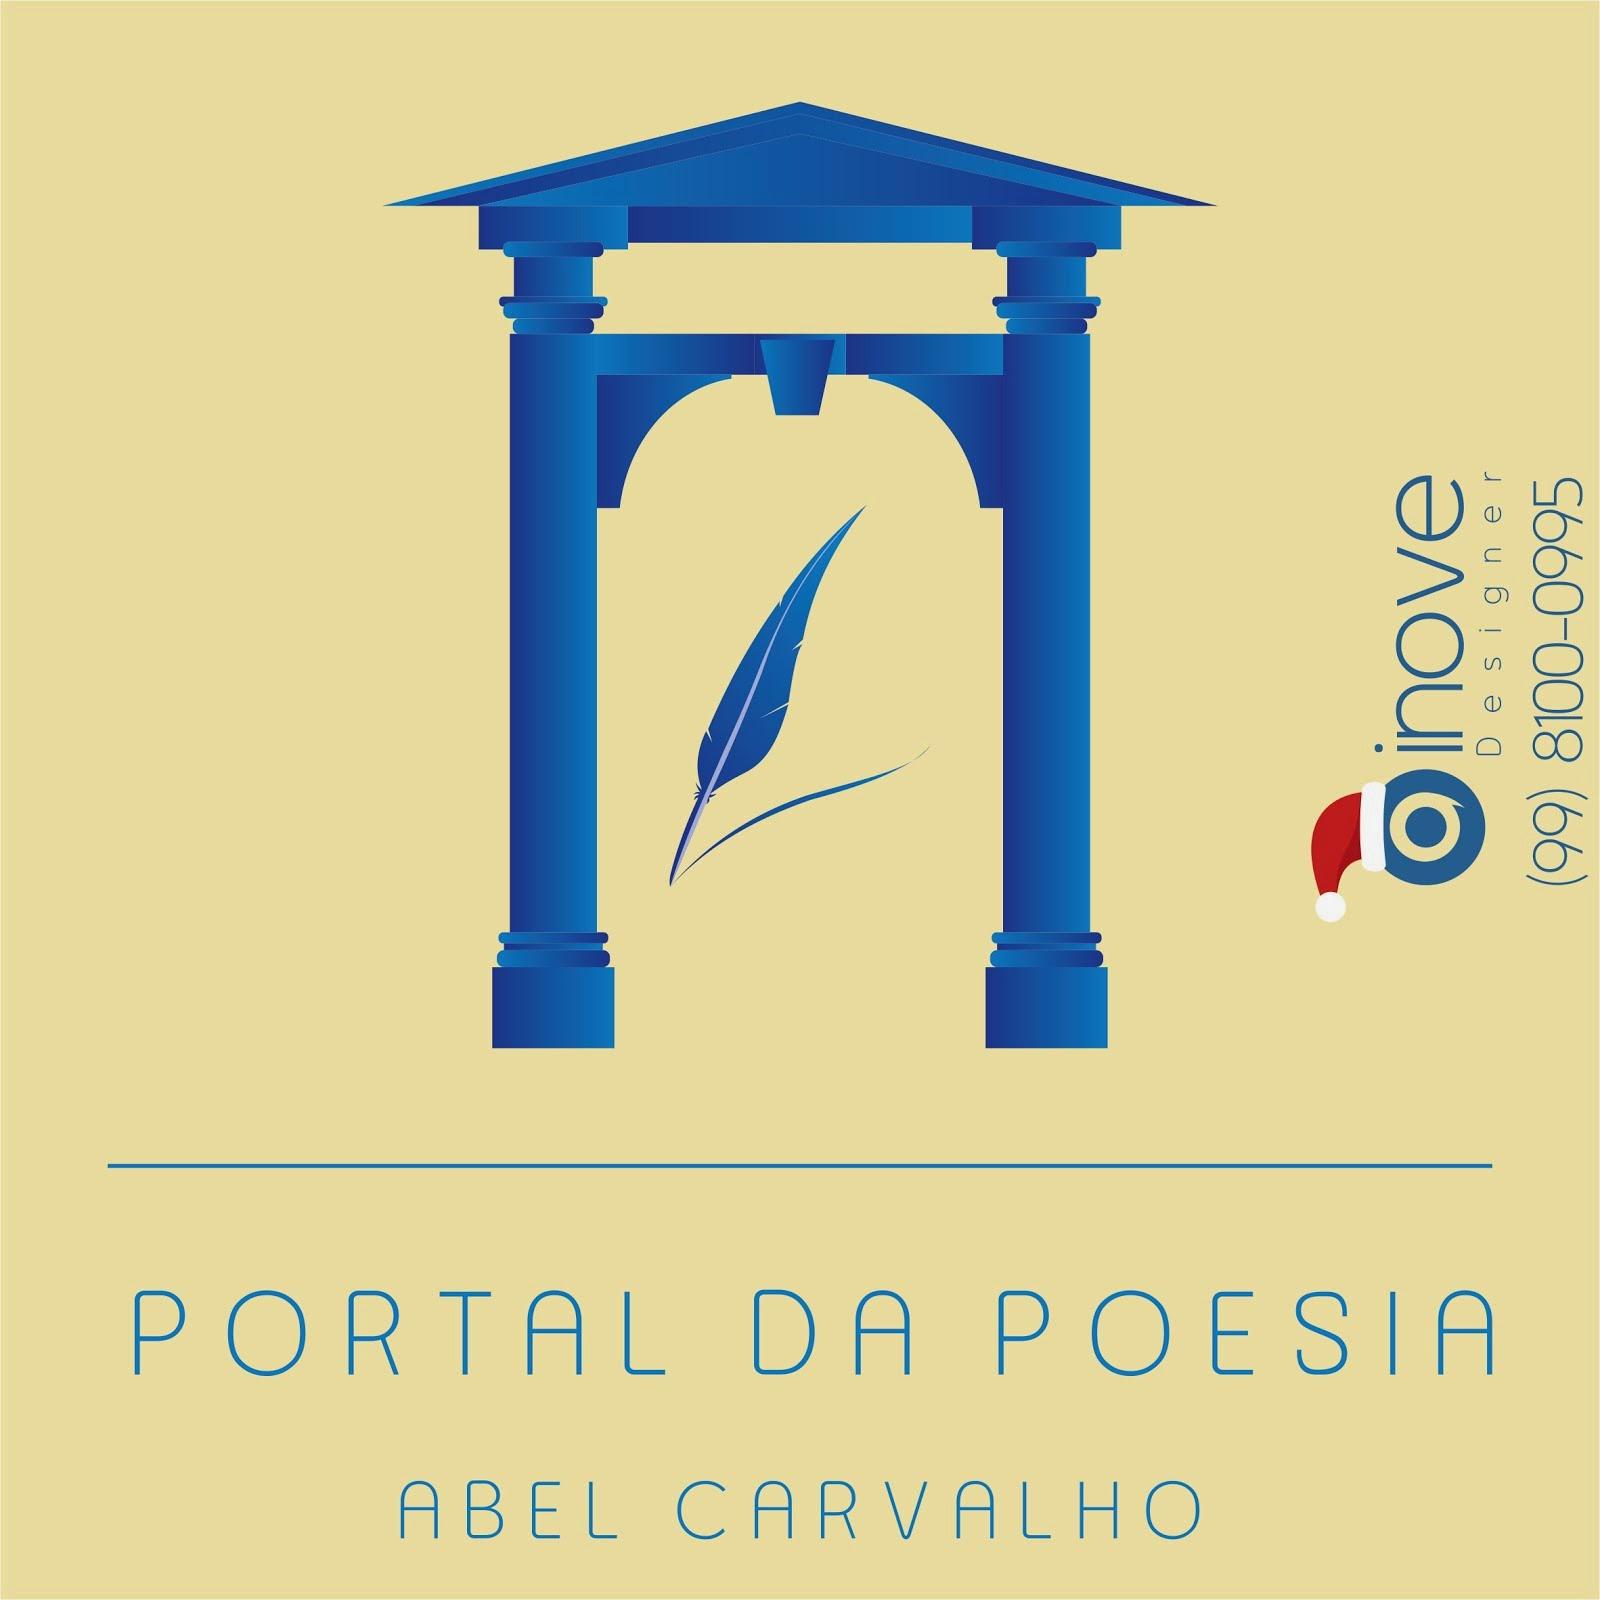 Portal da Poesia